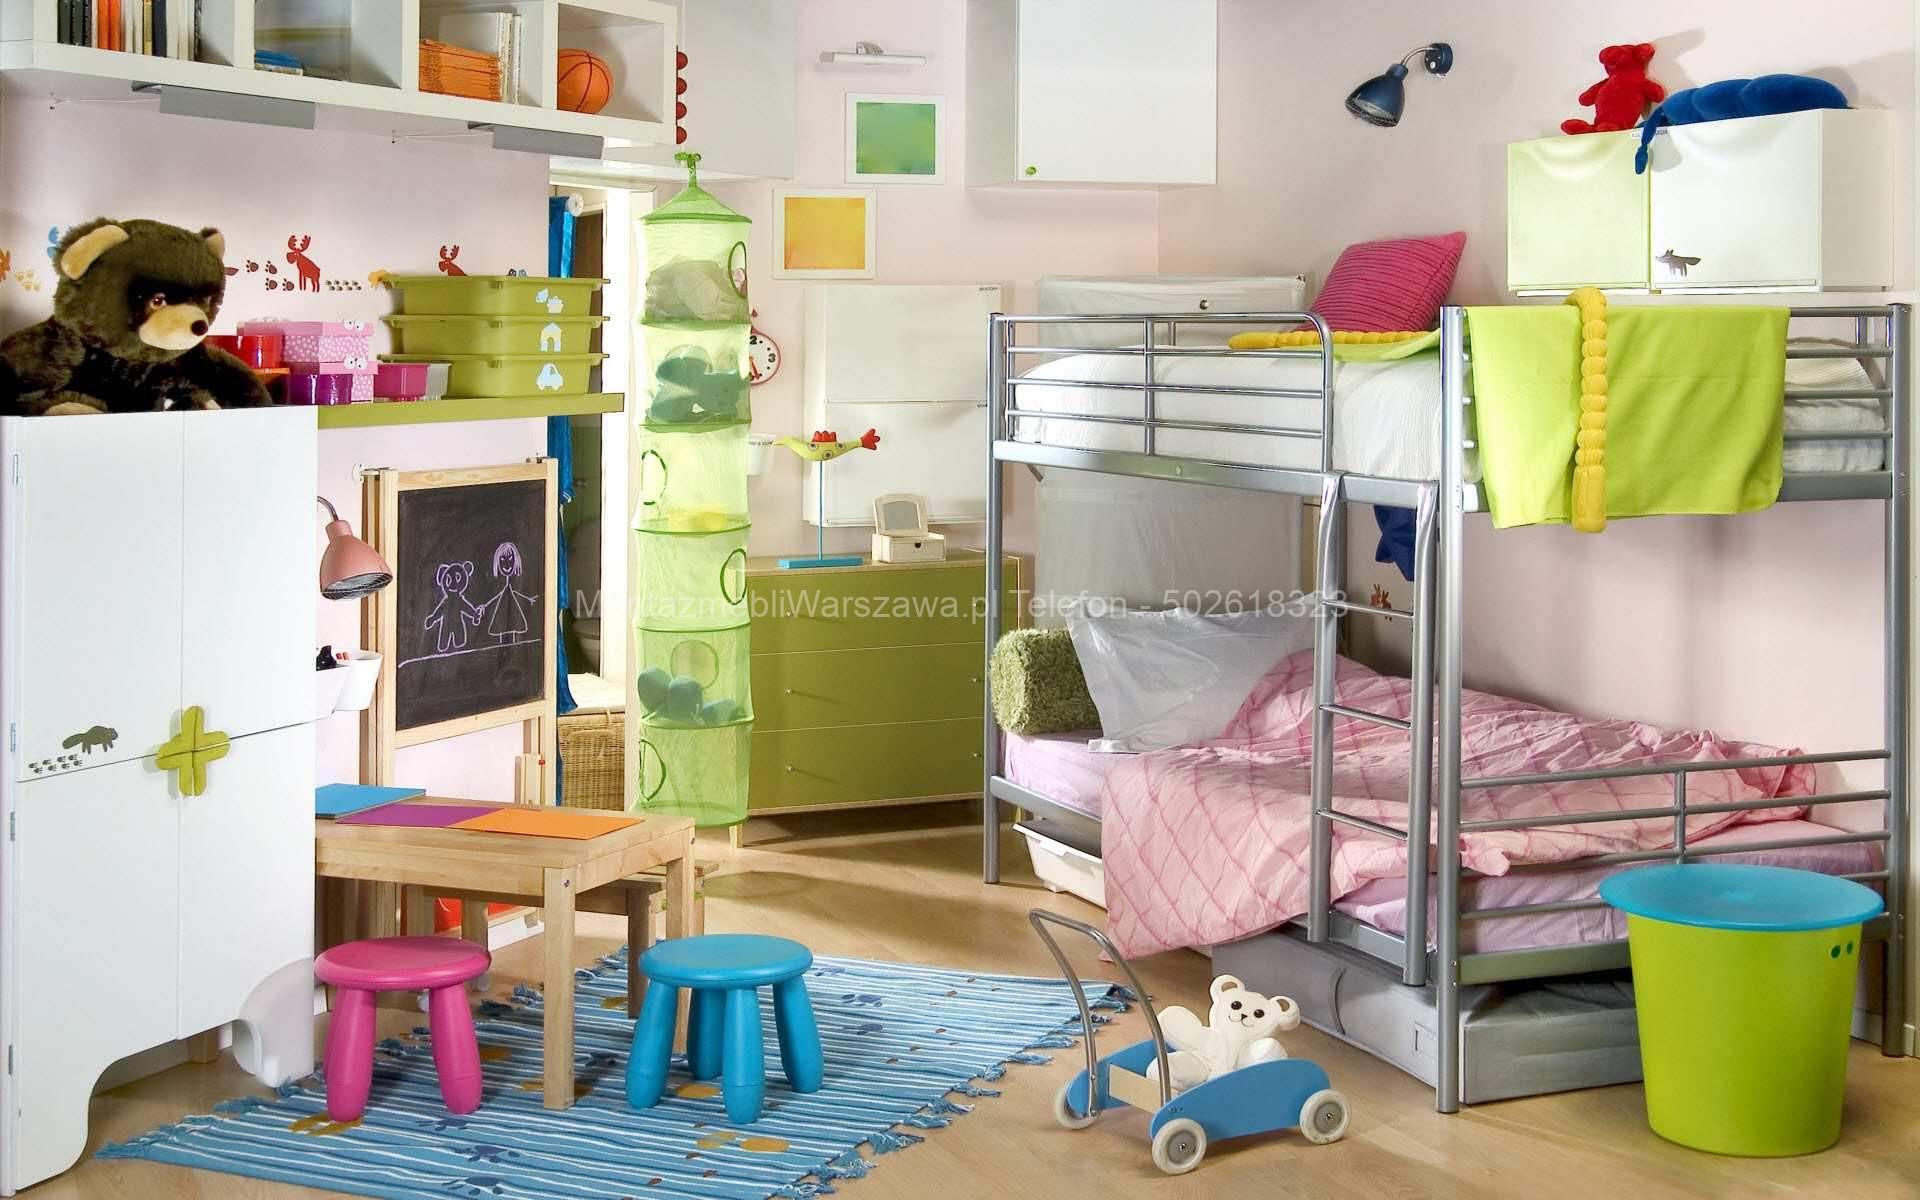 warszawa skręcanie łóżko dziecięce